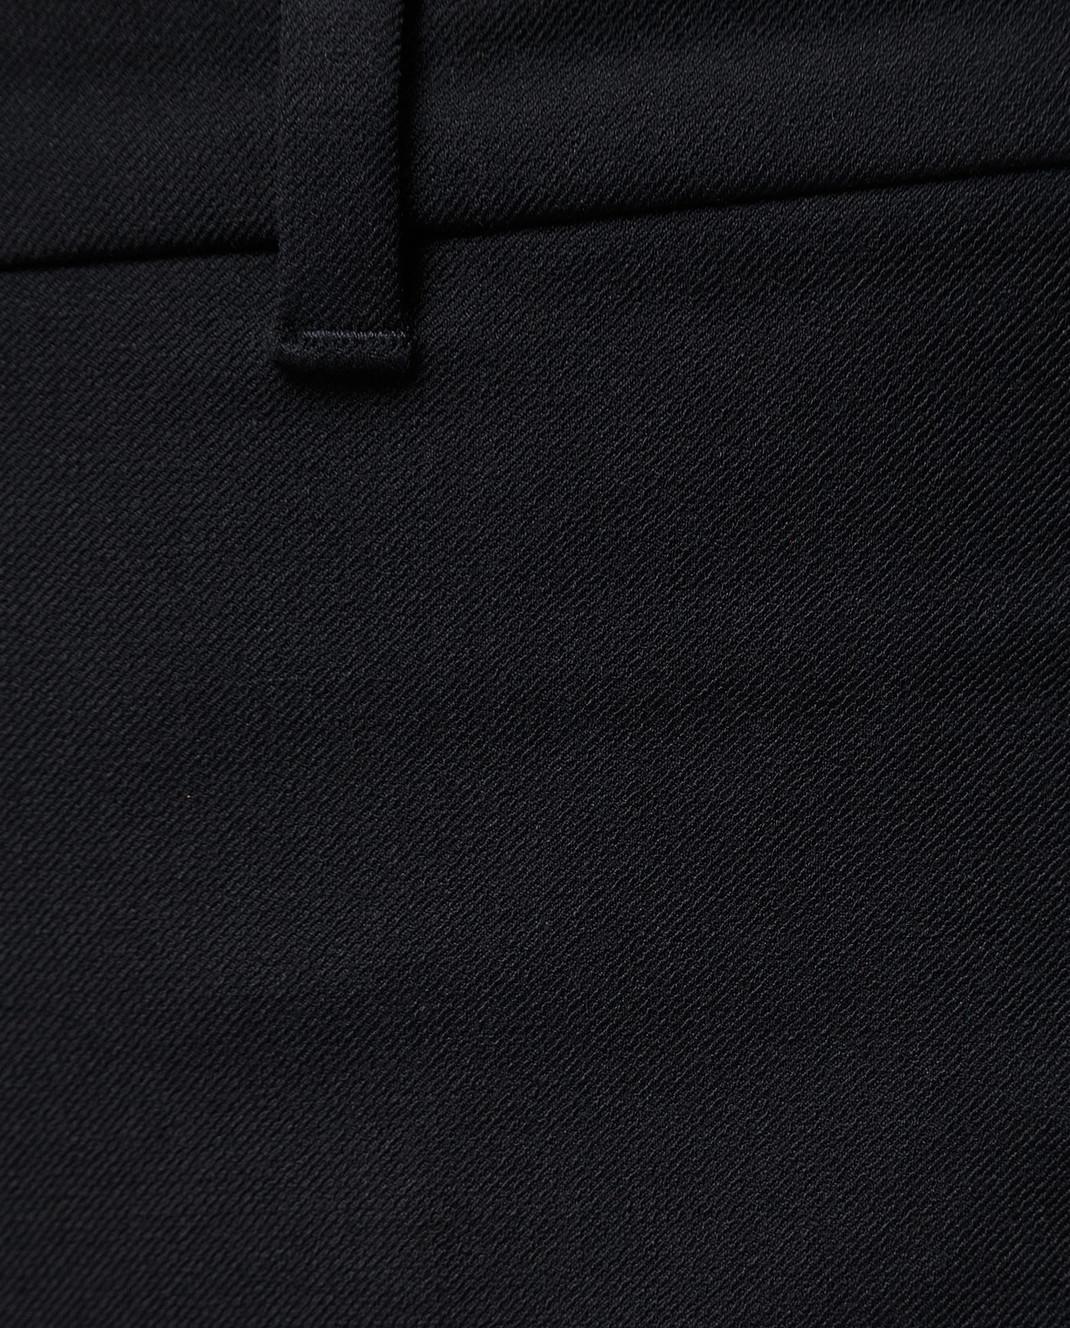 Max Mara Черные брюки изображение 5